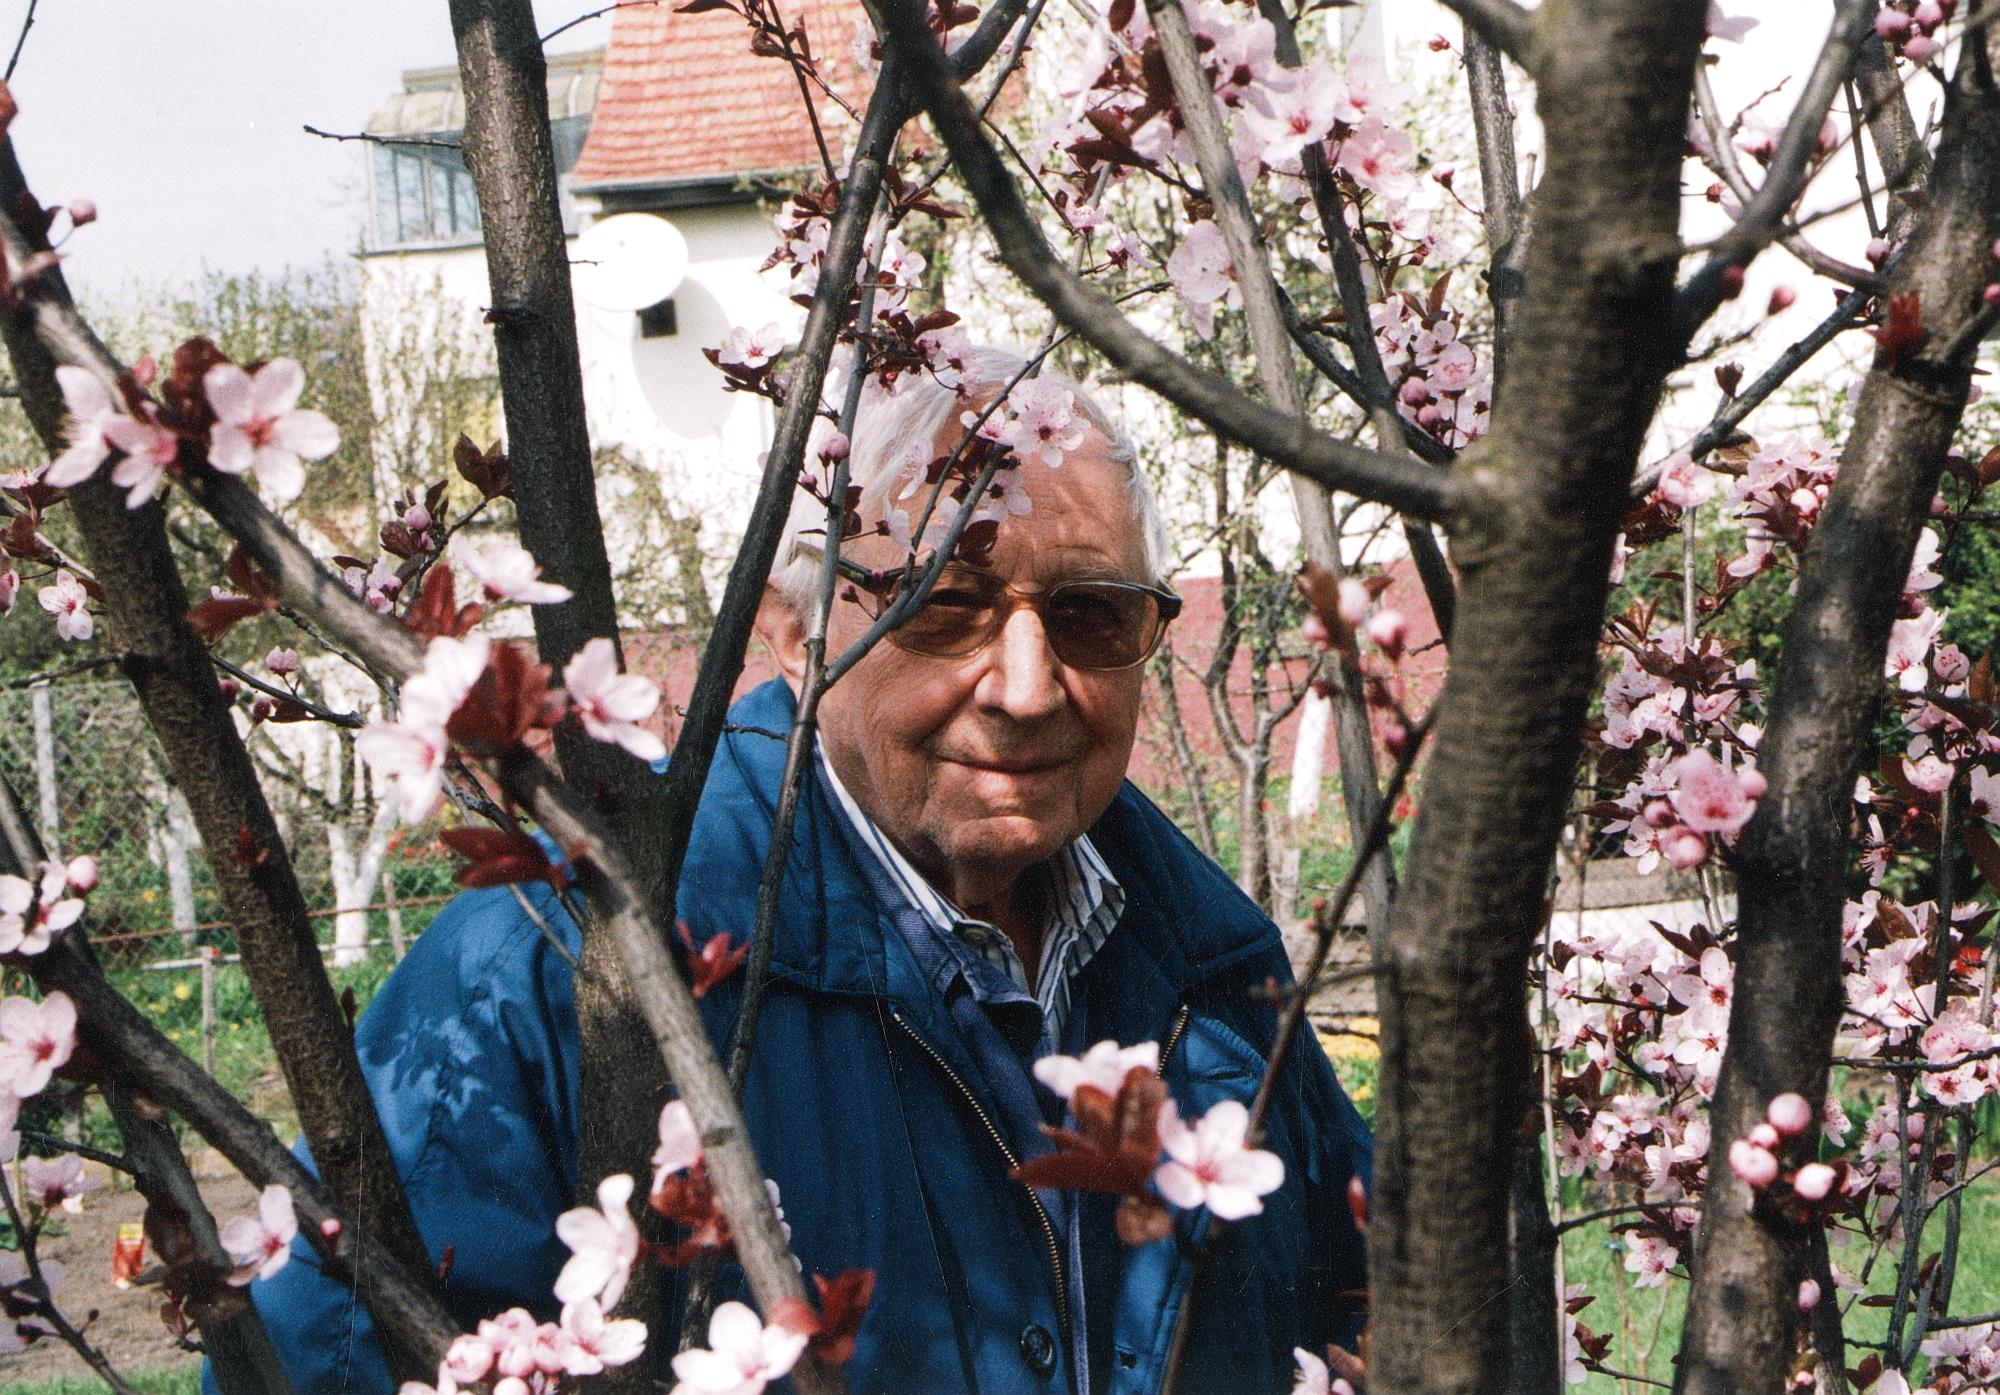 Tadeusz Różewicz, wtorek, 21 kwietnia 2010, fot. Janusz Stankiewicz